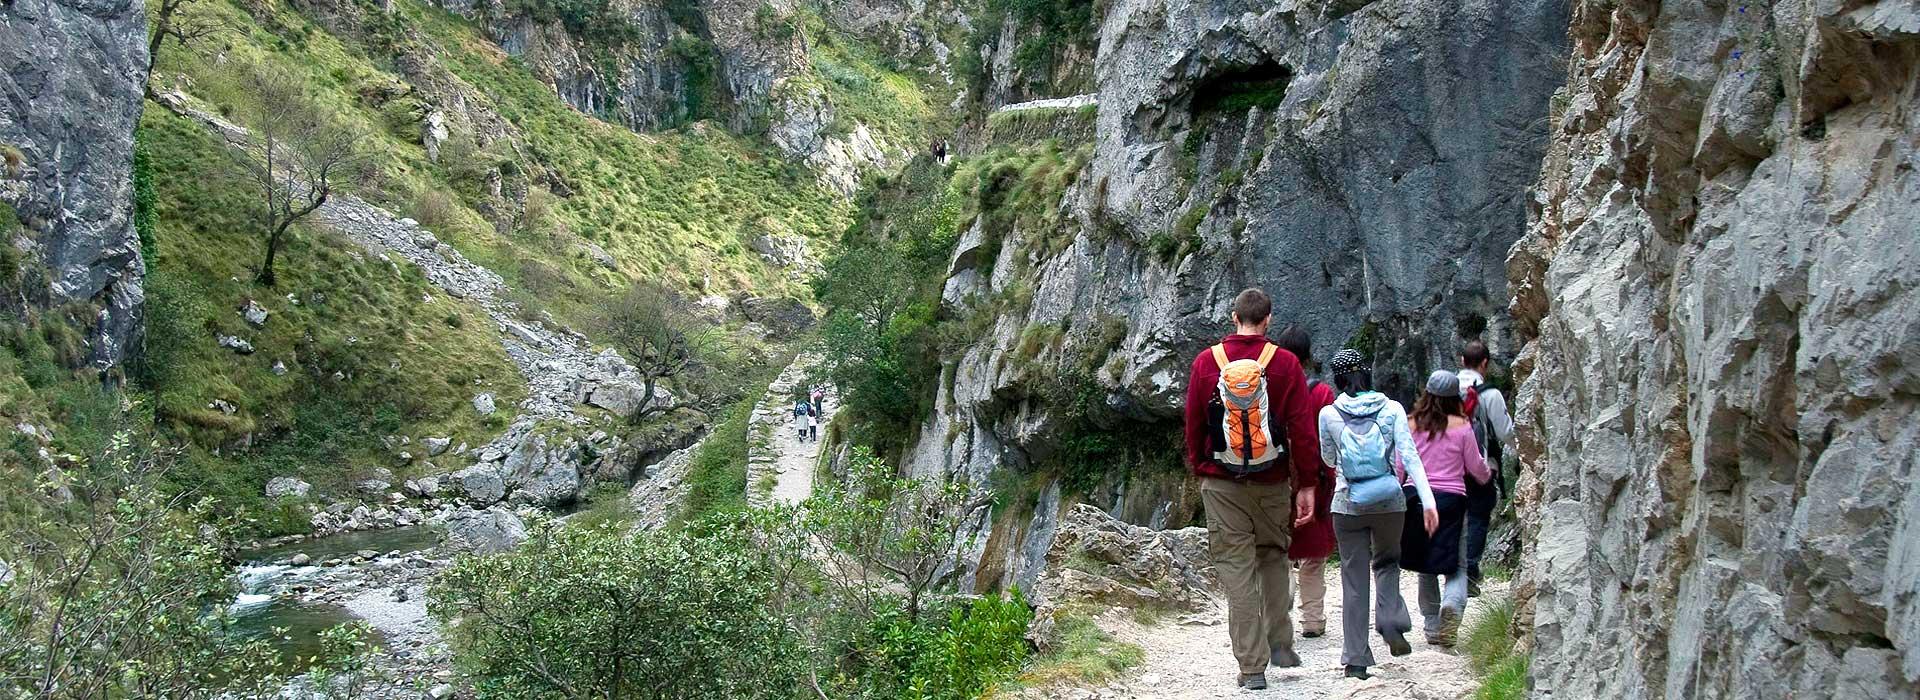 Ruta del Cares desde Caín a Poncebos - Principado de Asturias